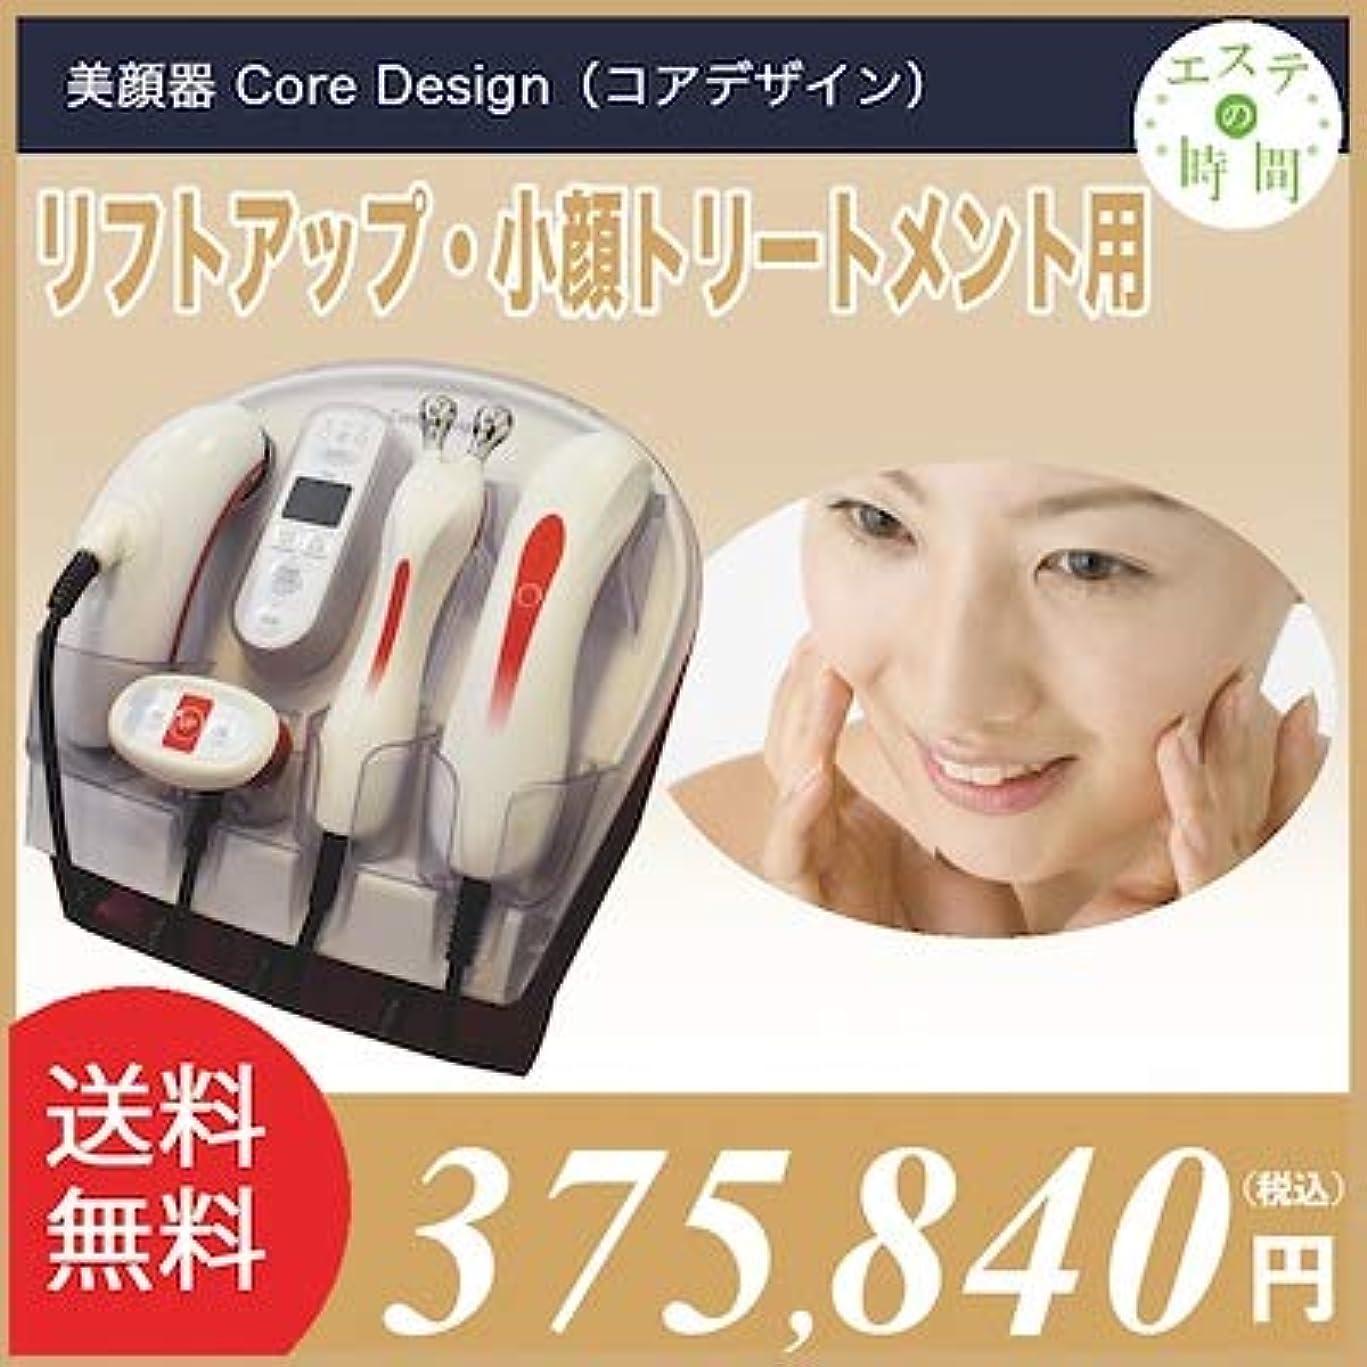 たぶん食用アンケート日本製 エステ業務用 美顔器 Core Design (コアデザイン)/ 全国どこでも無償納品研修付